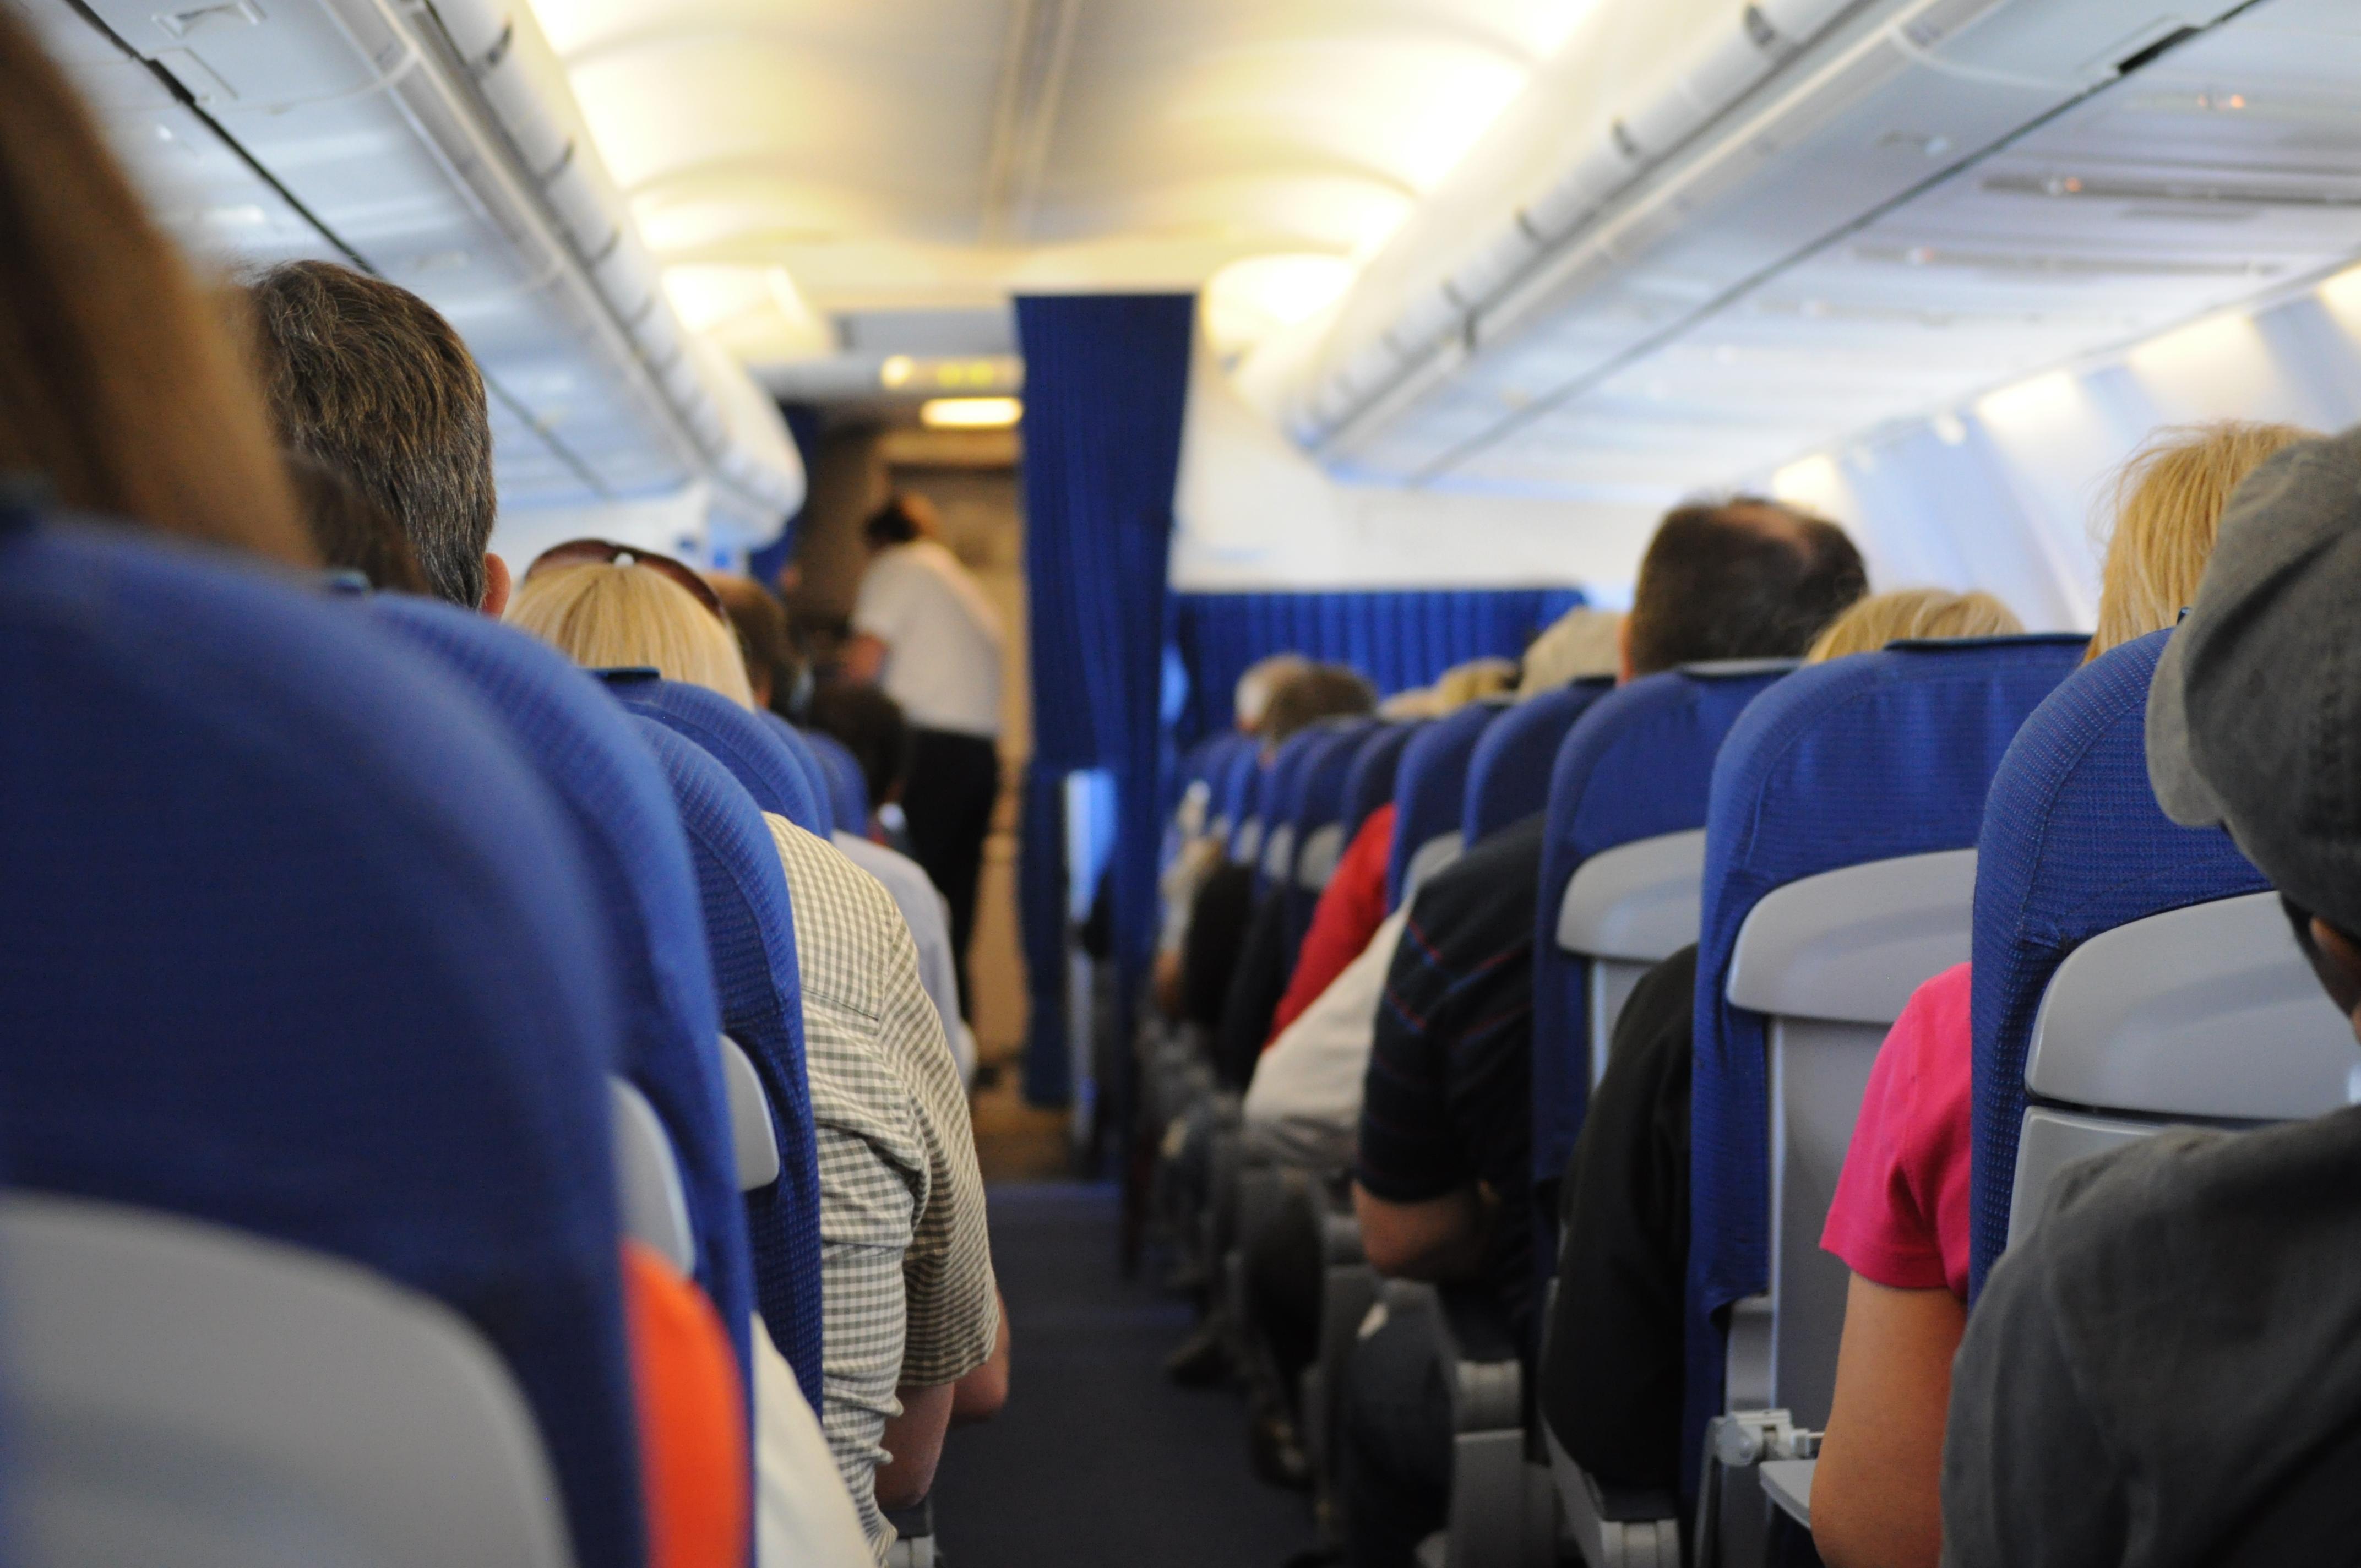 Regering wil snel stemming over wetsvoorstel passagiersgegevens